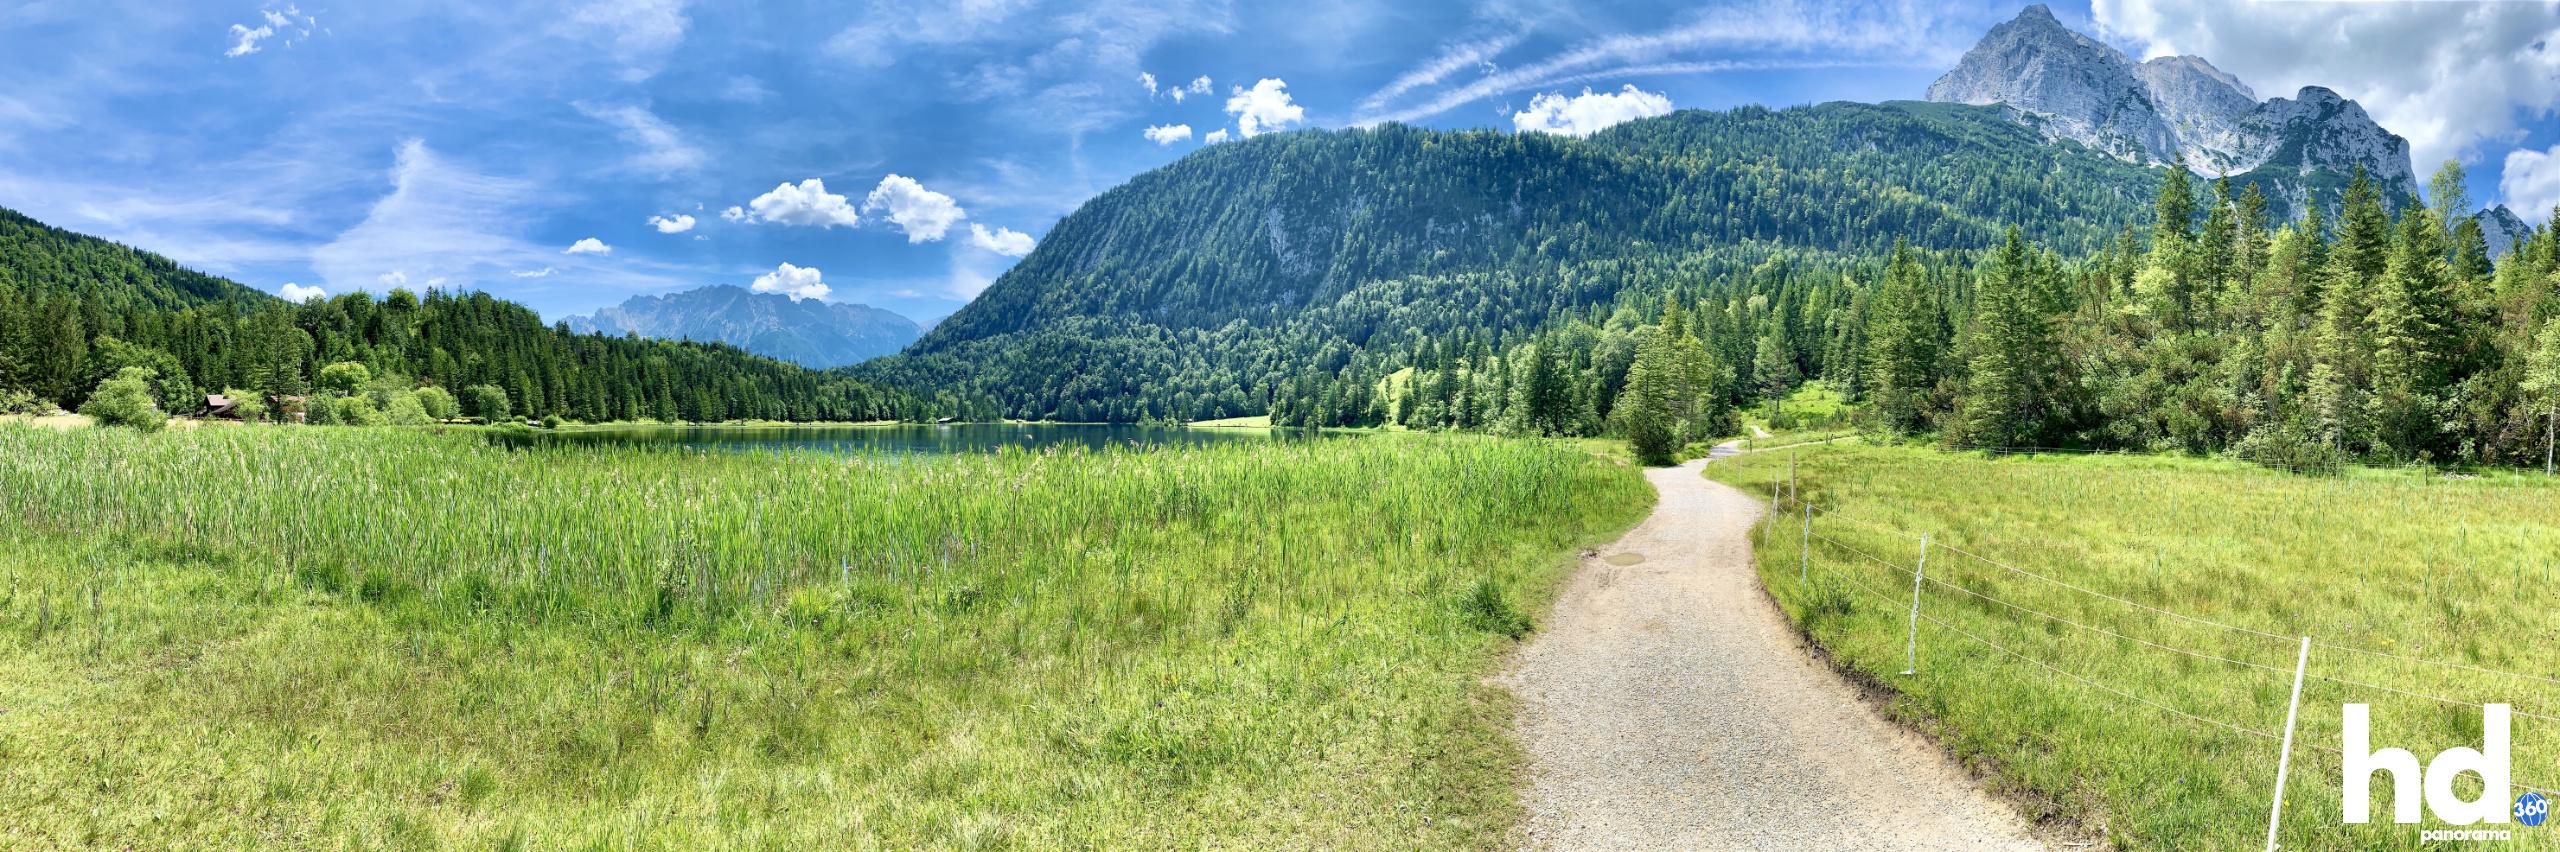 Ferchensee Mittenwald - Foto © HD-Panorama